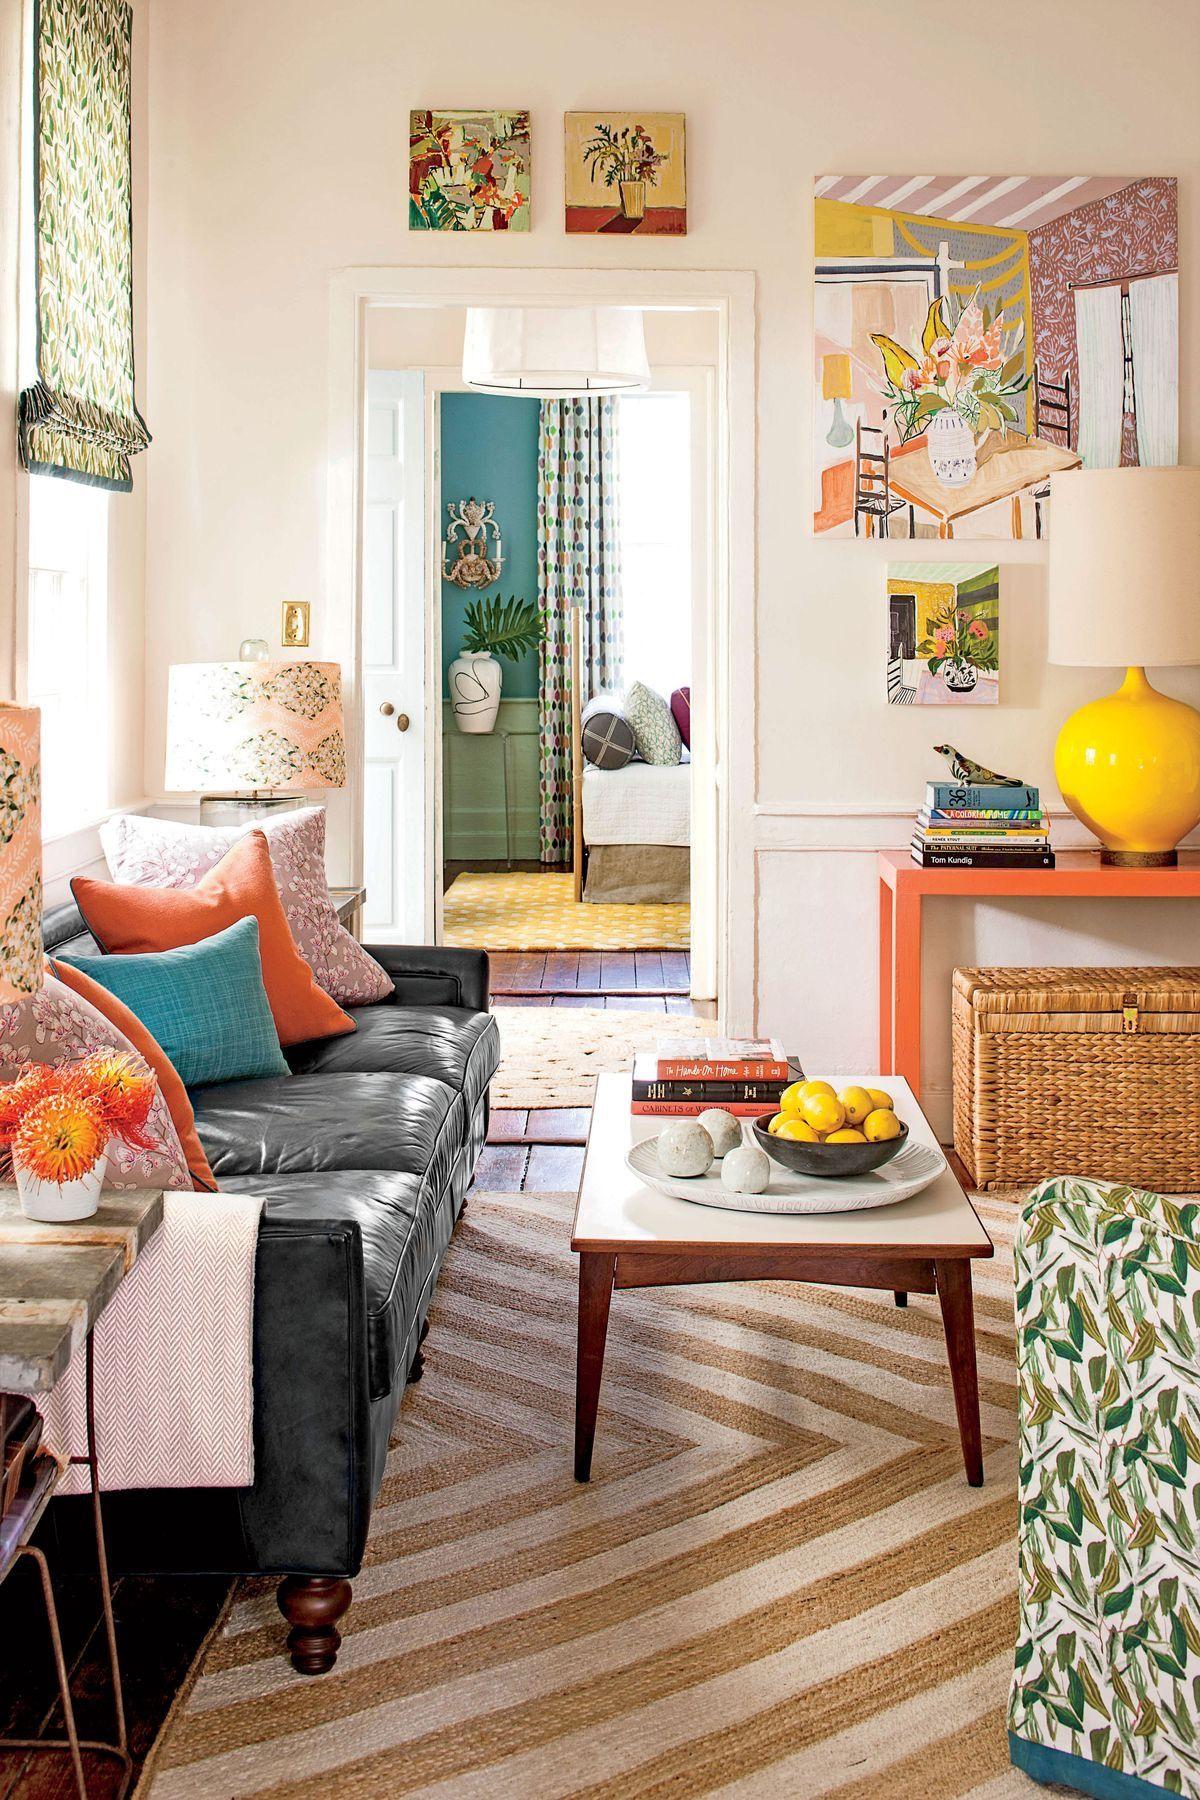 living room decor ideas home design small house decor